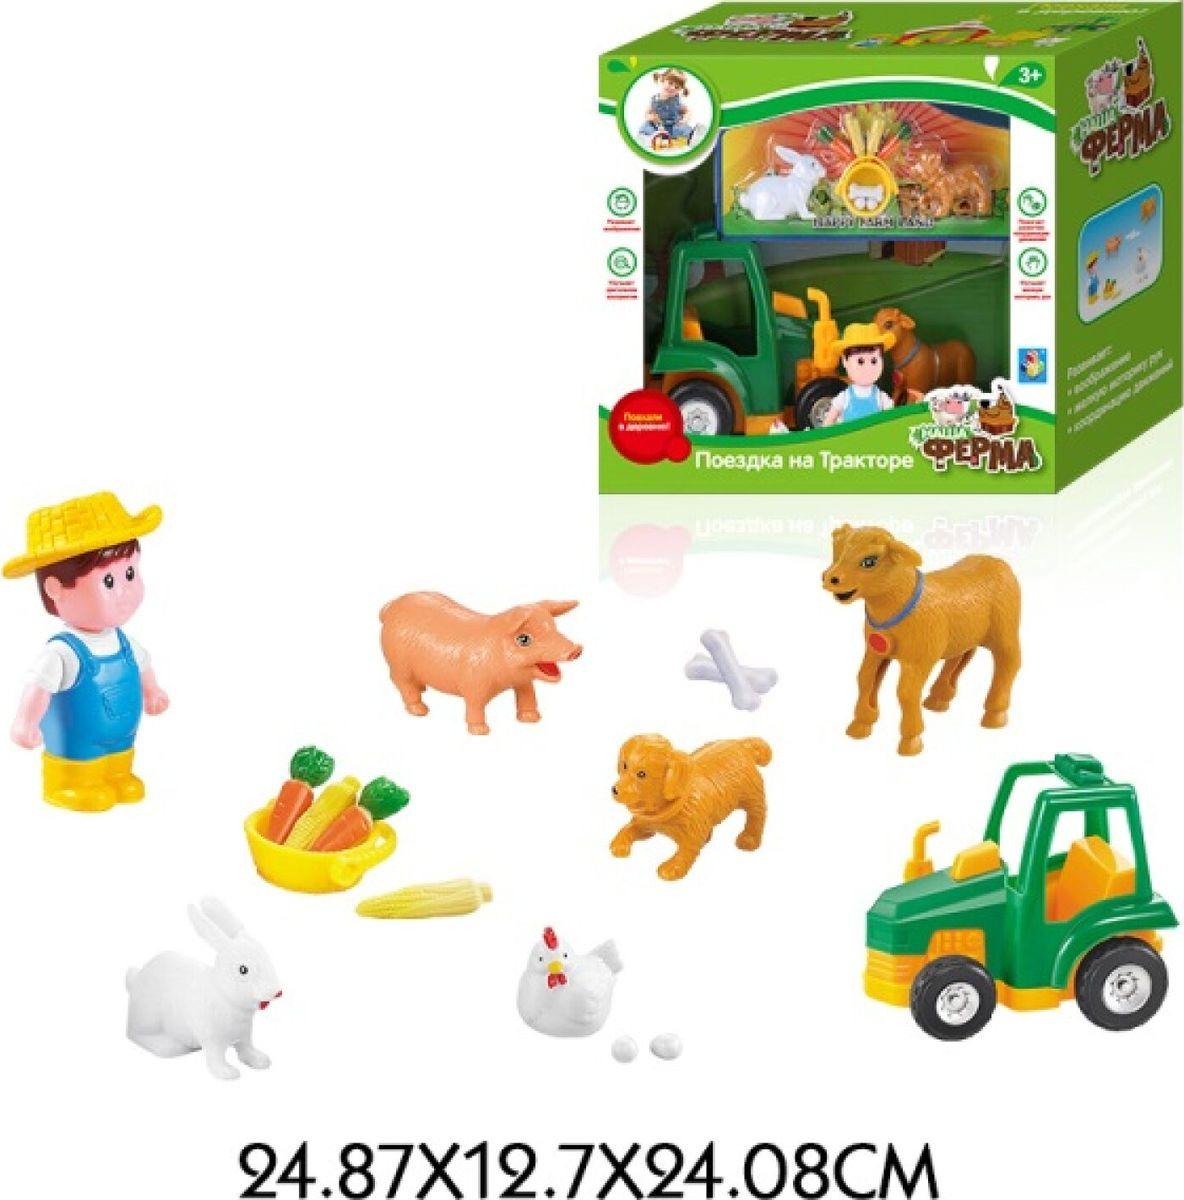 Игровой набор 1TOY Наша ферма Поездка на тракторе, фермер, зверюшки, Т11047 цена